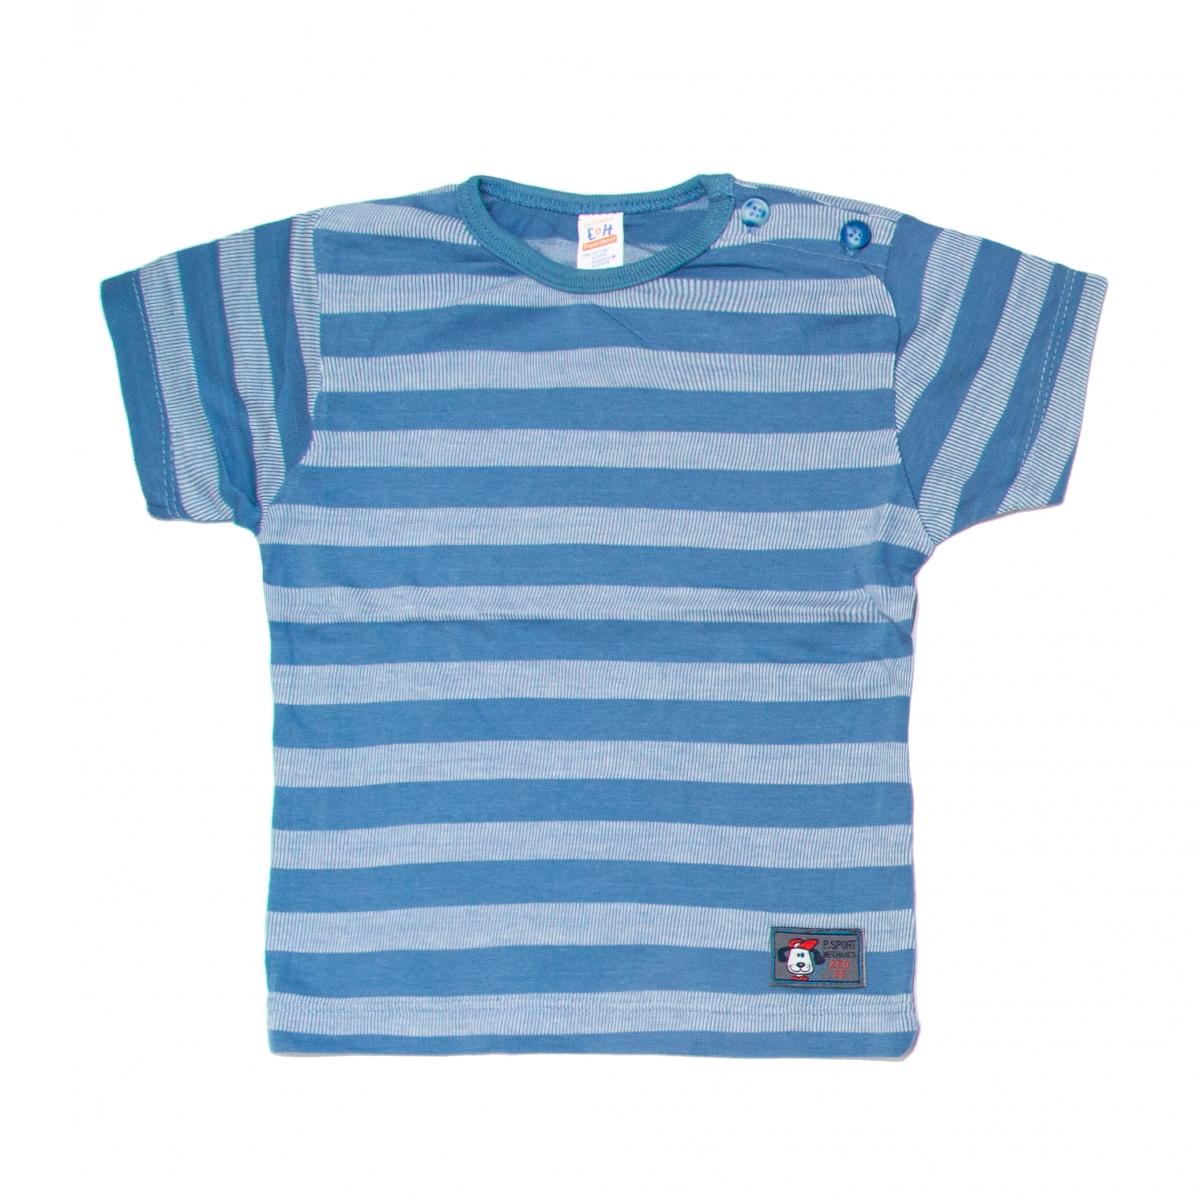 Tricouri baieti 3237 albastru gri 80-104cm